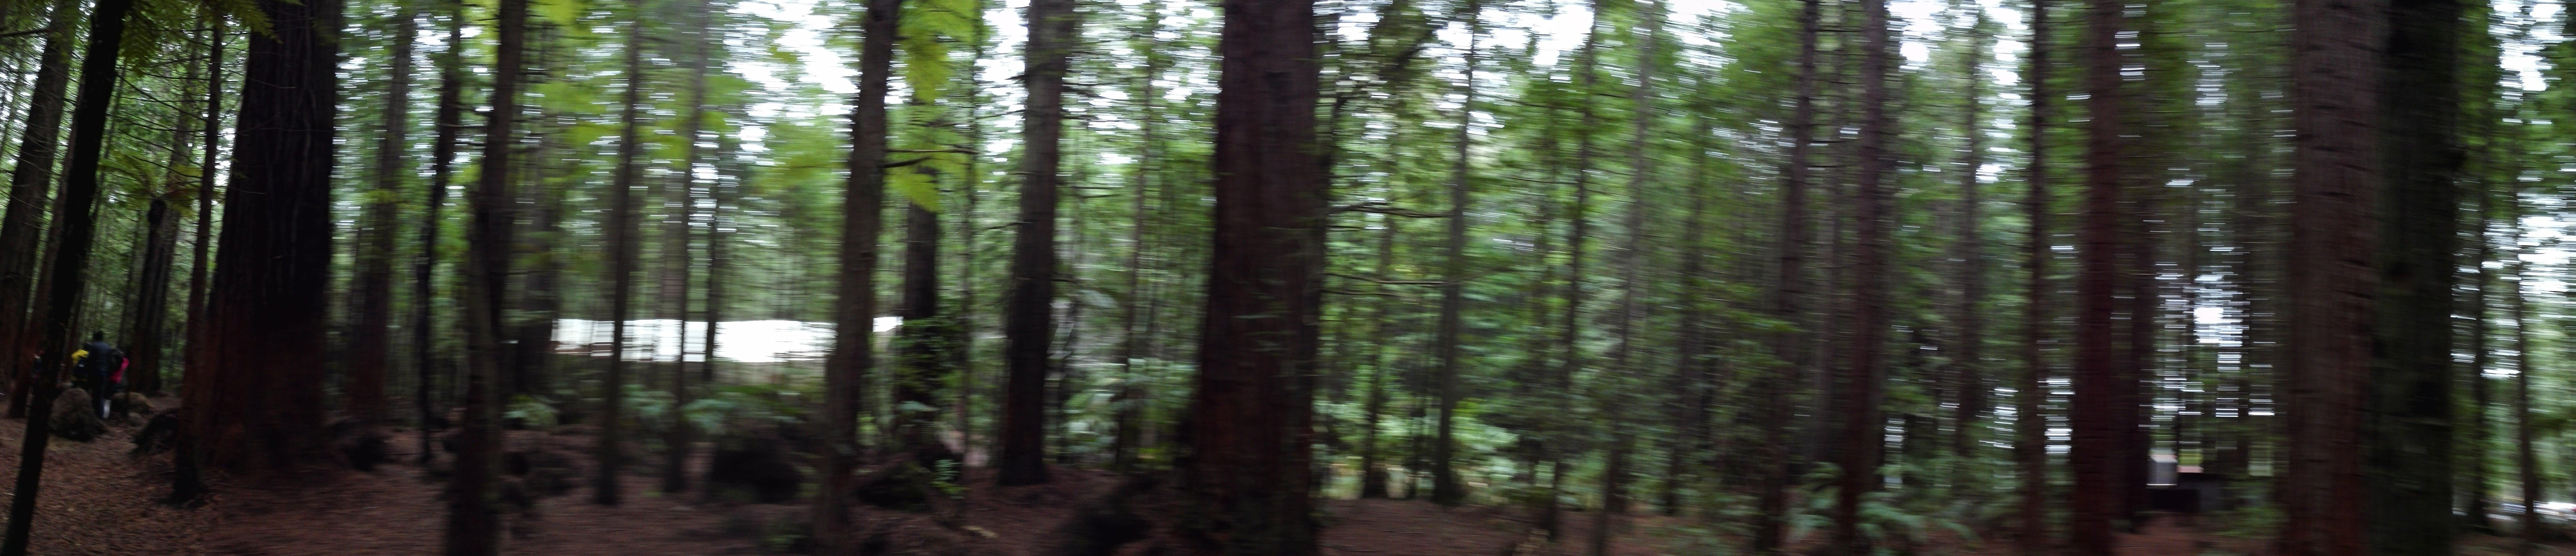 红木树叶子图片大全